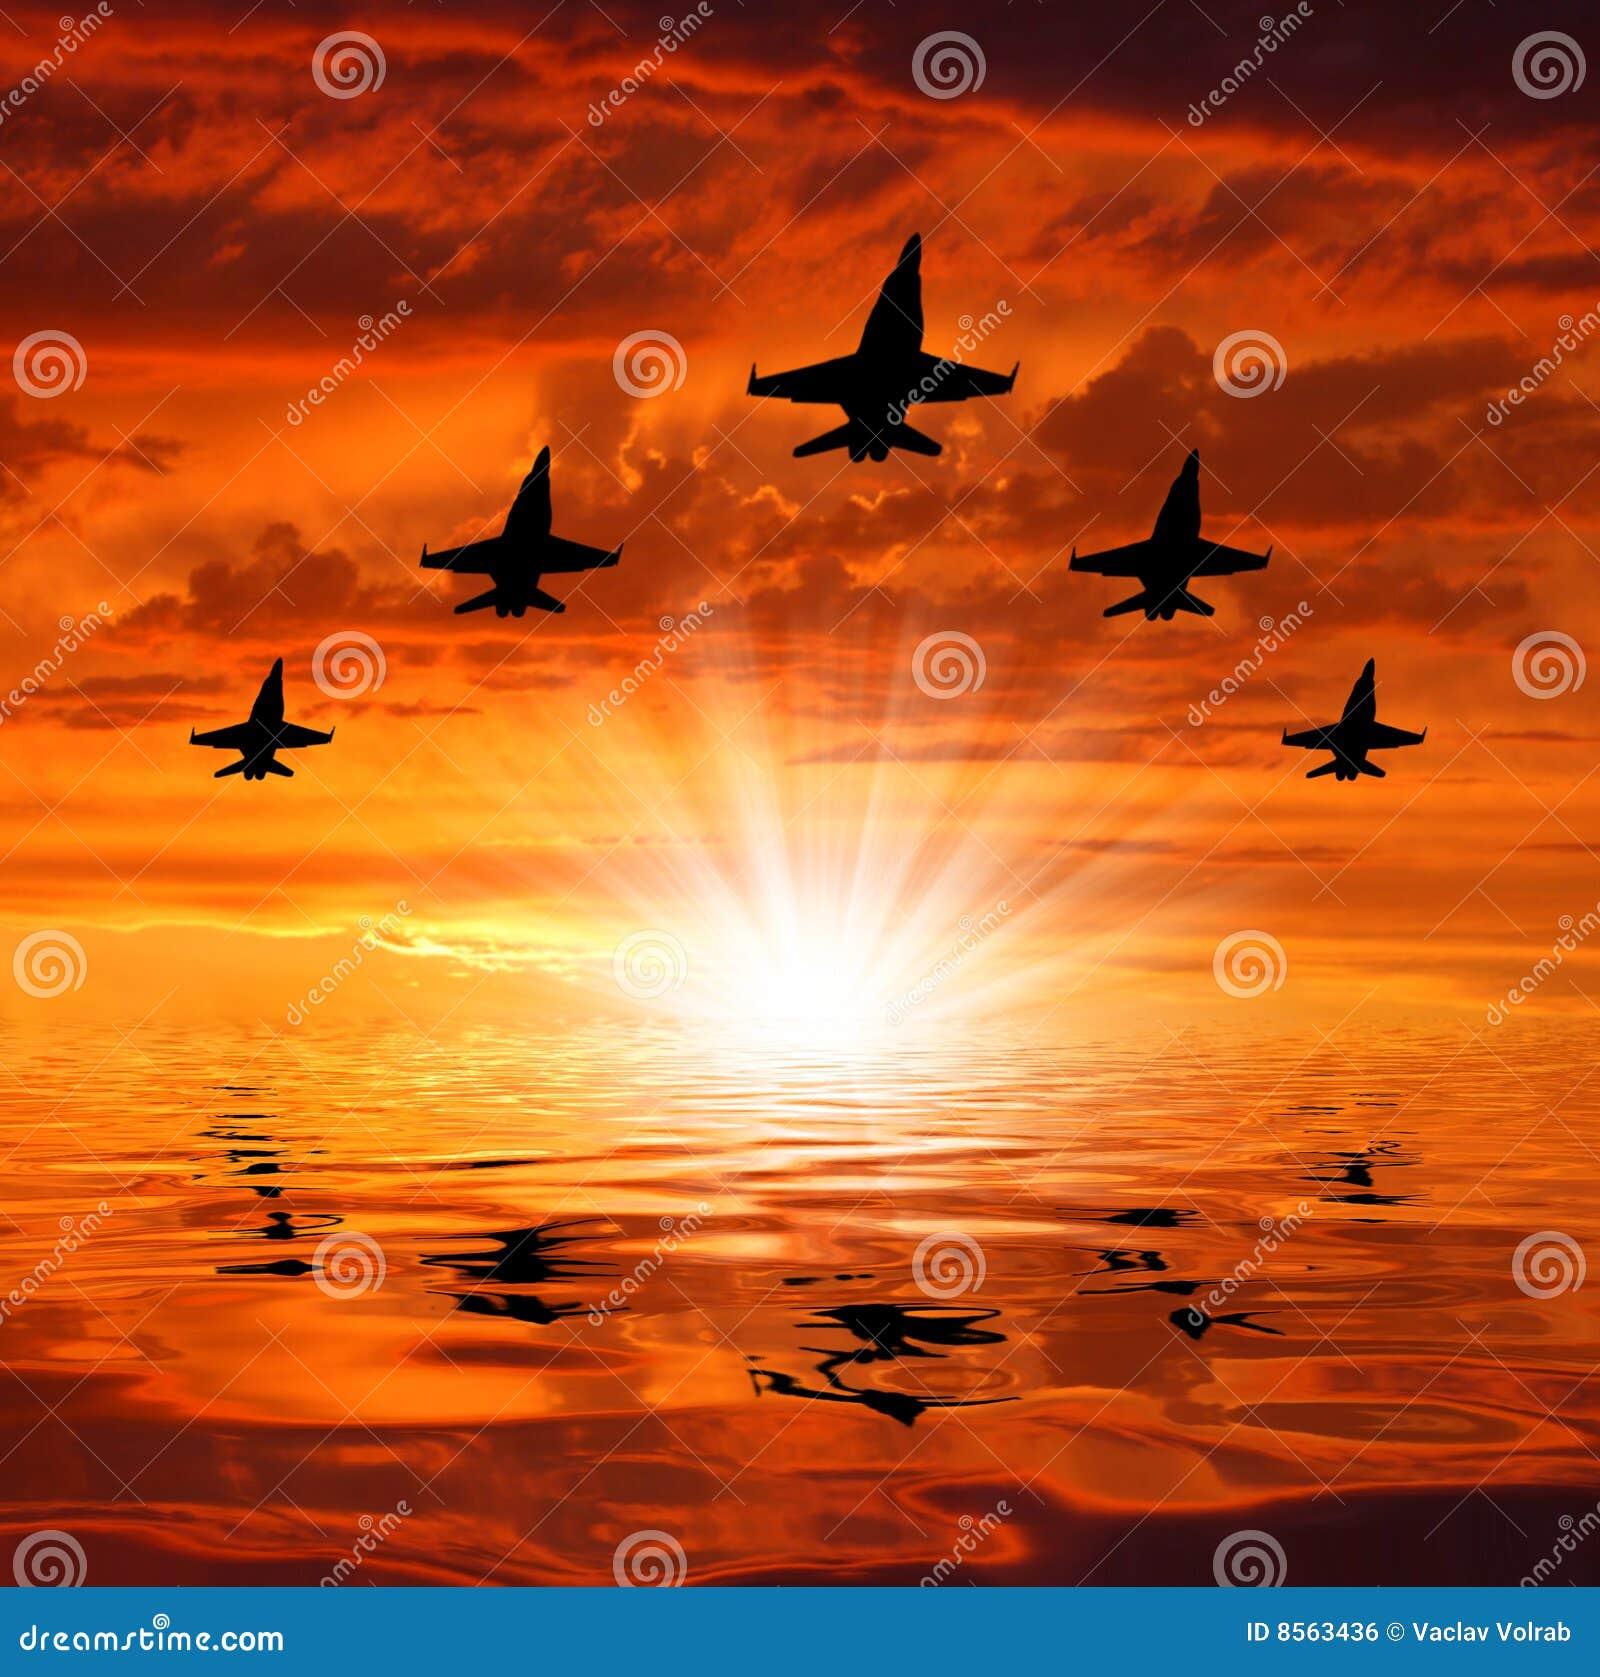 Citaten Over Zonsondergang : Vijf bommenwerpers over zonsondergang stock foto